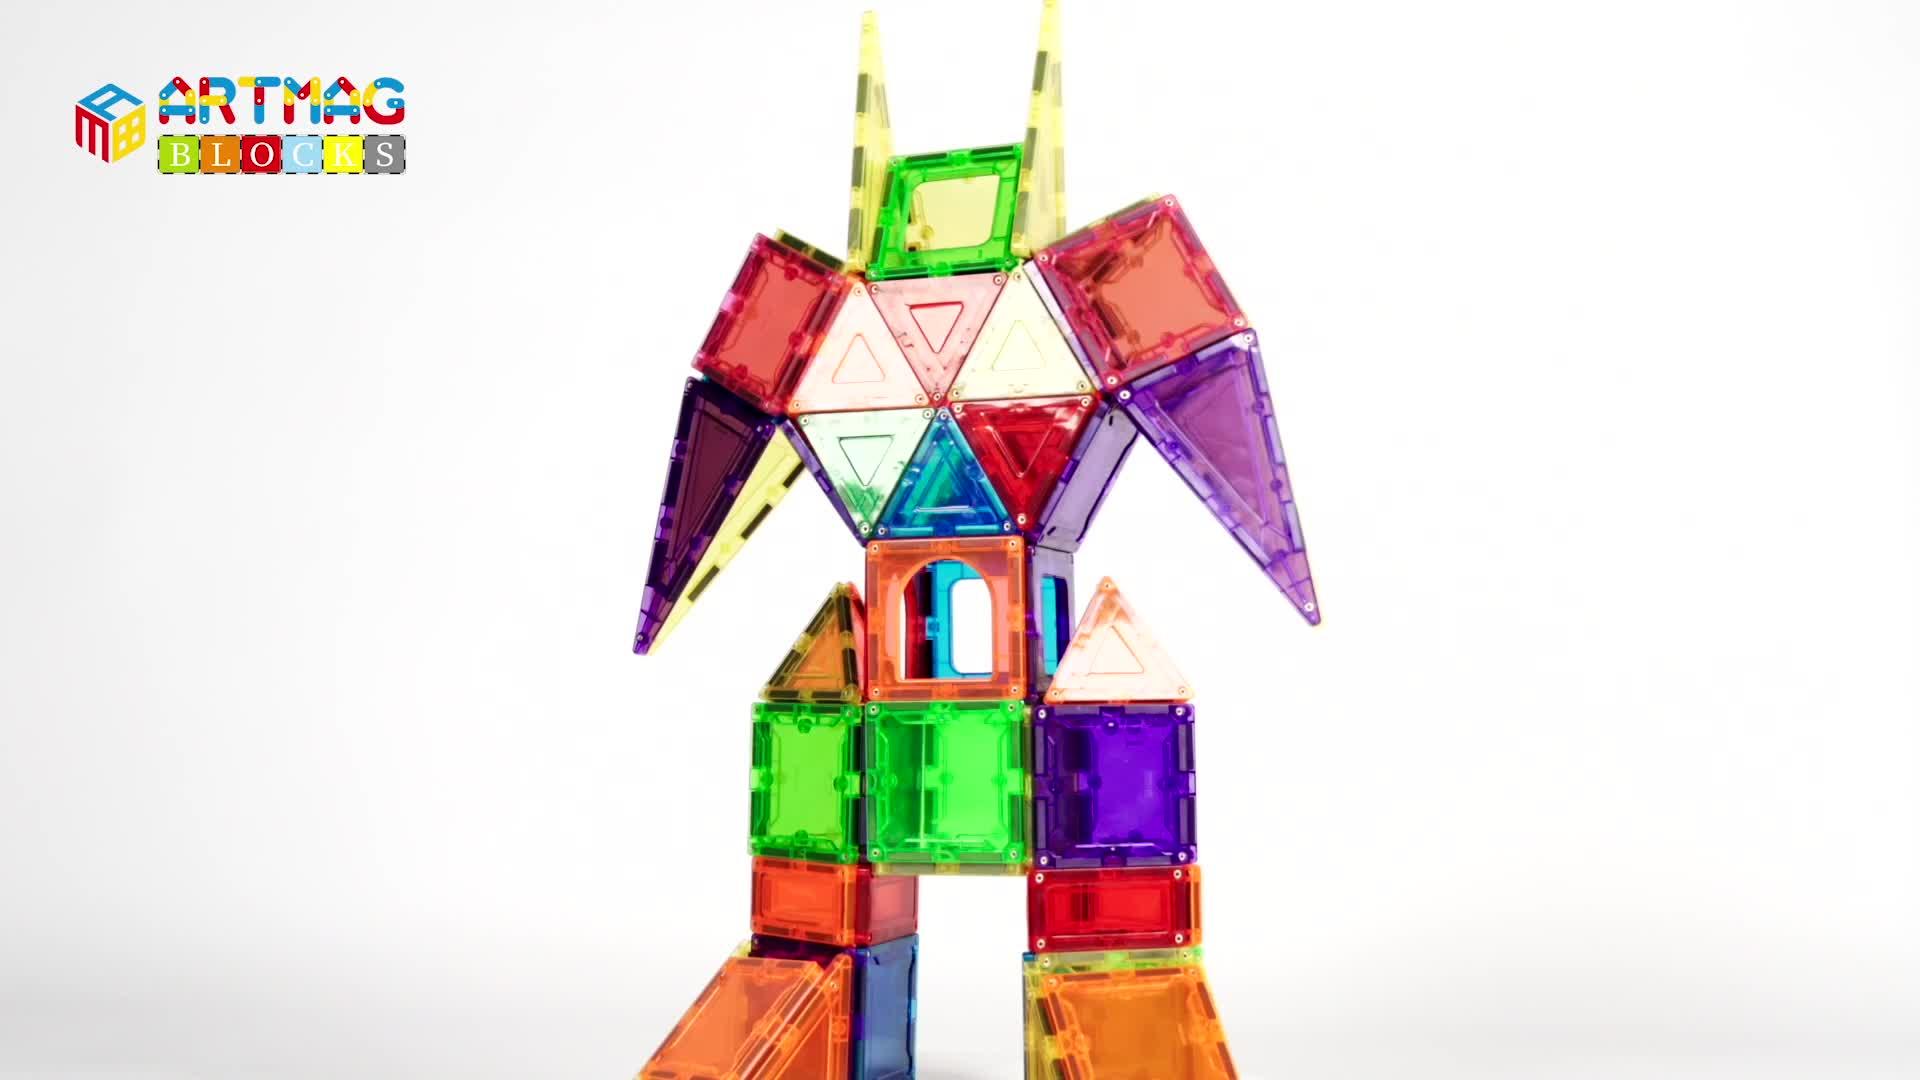 Mıknatıslı Oyuncaklar Çocuklar 3D manyetik bloklar Okul Öncesi Yapı Setleri Eğitici Oyuncaklar Toddlers için Erkek ve Kız Manyetik Fayans